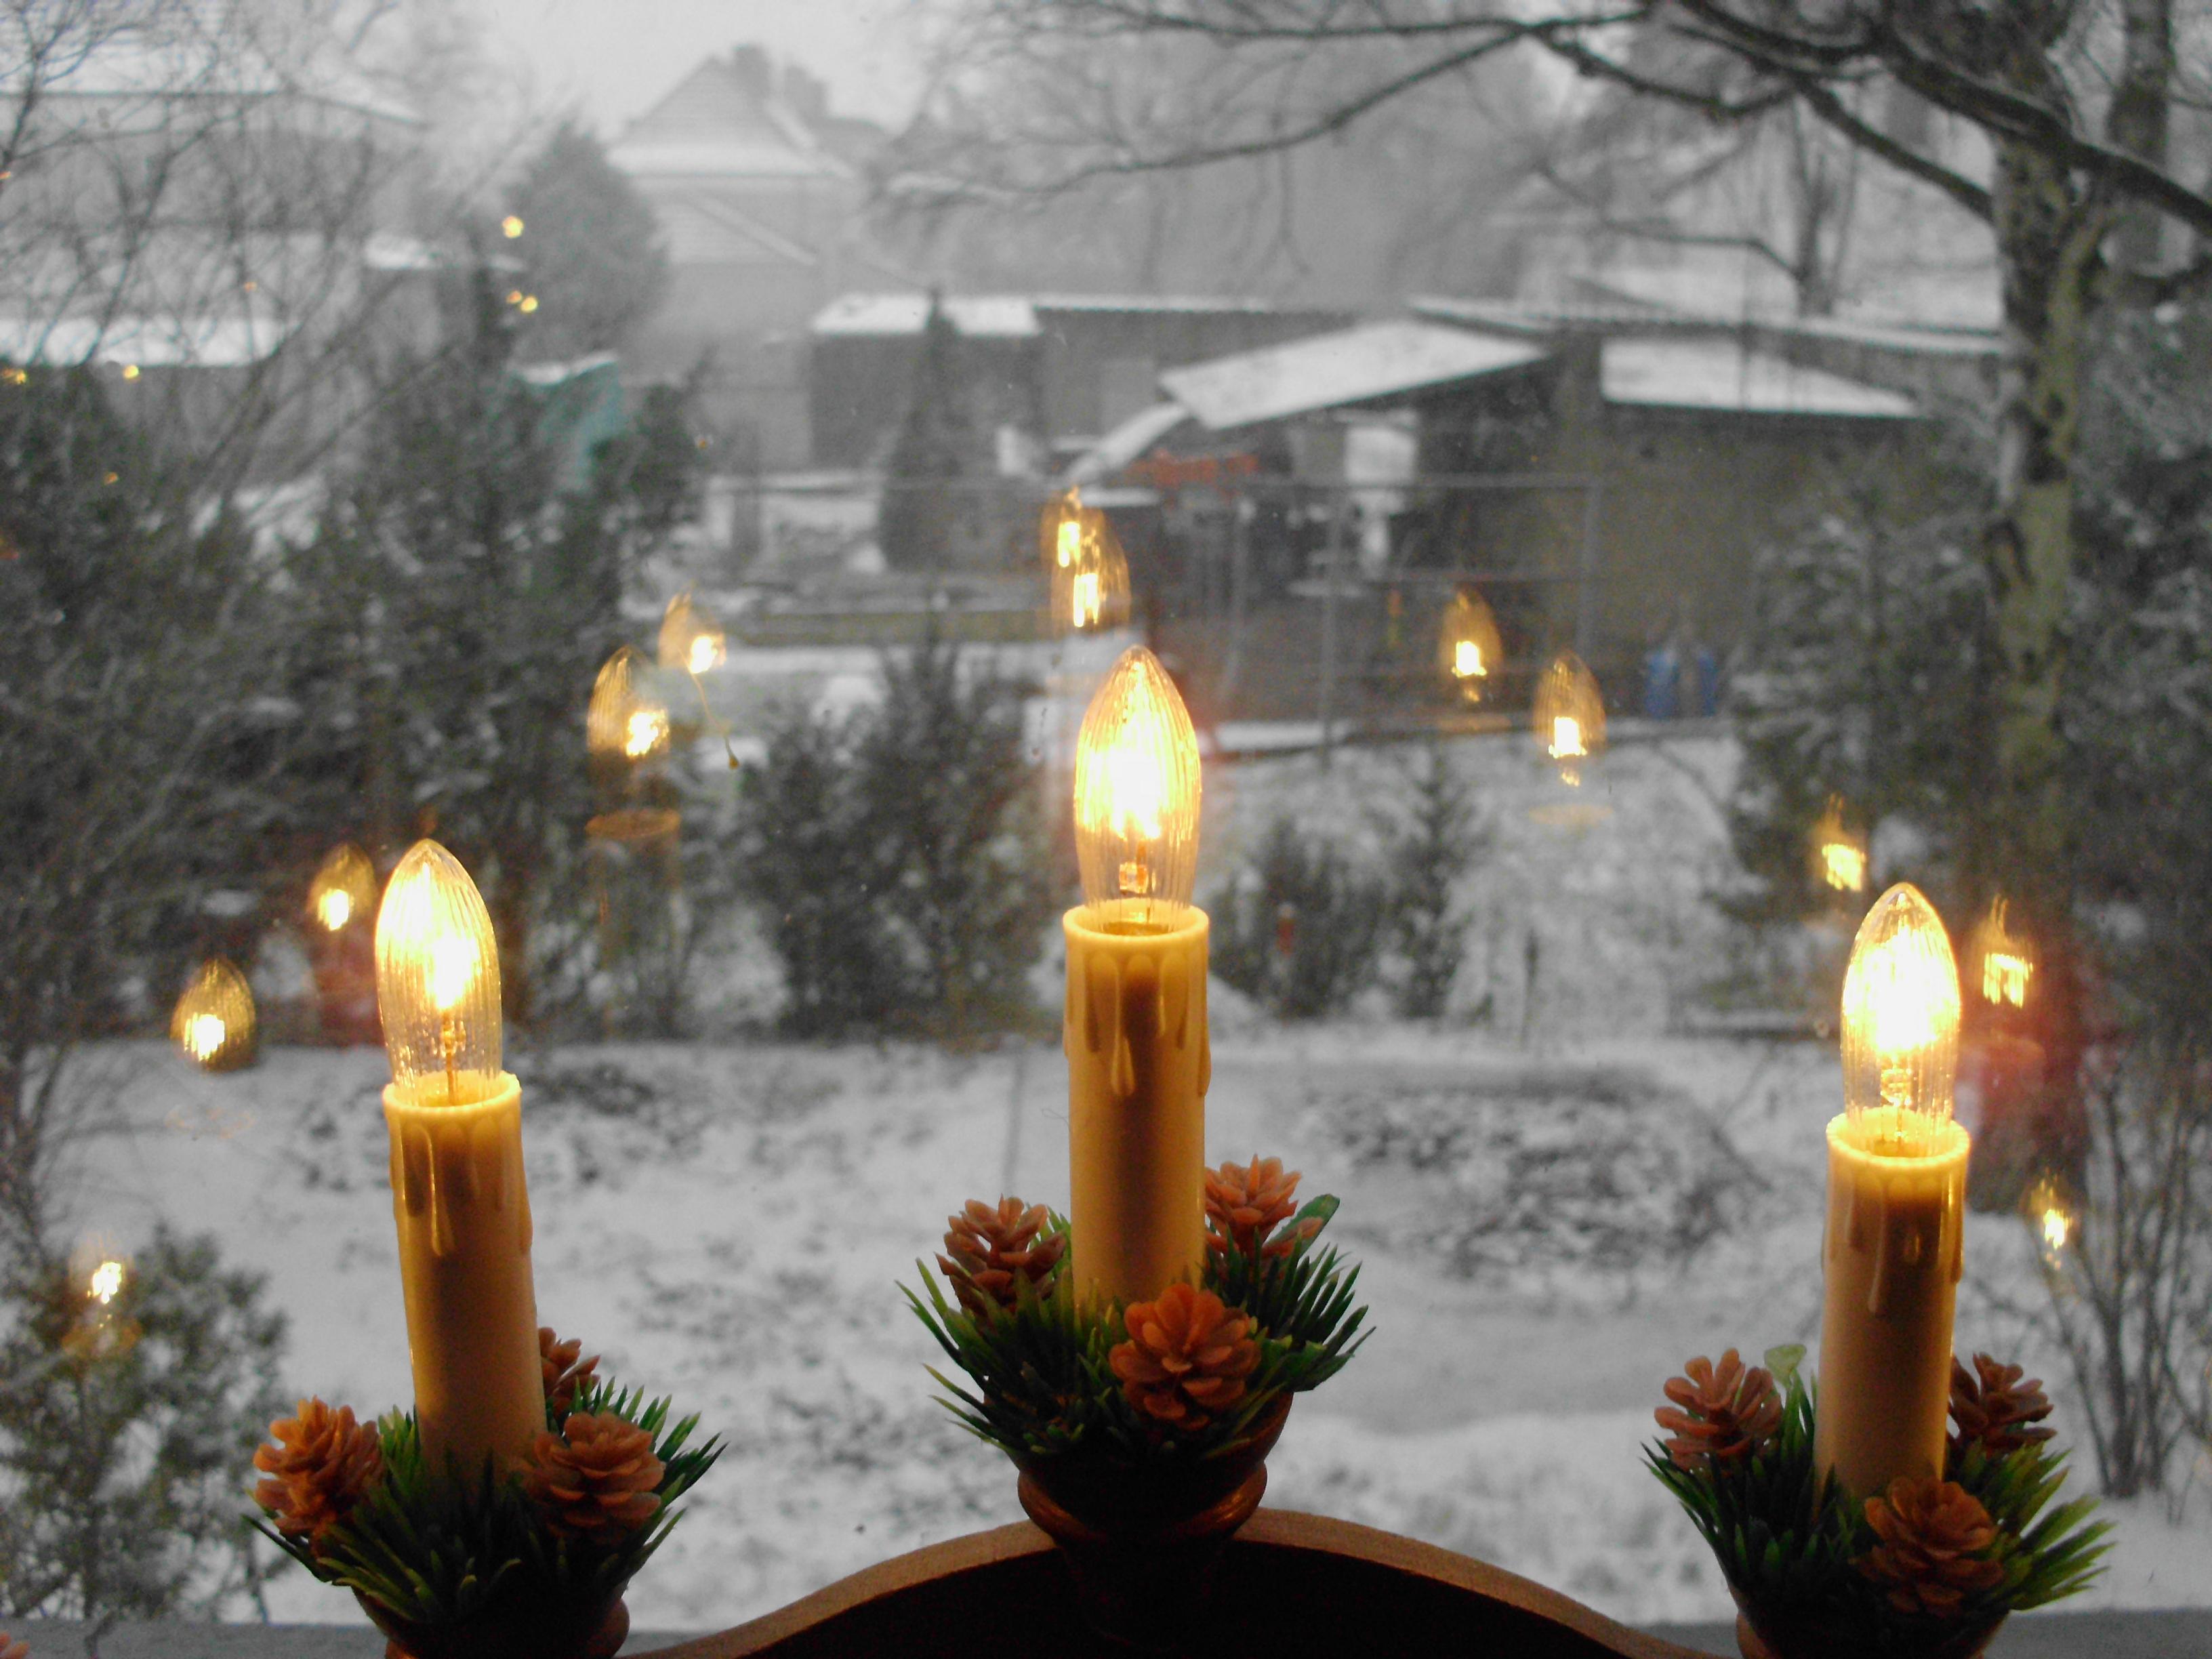 christmas bo e narodzenie no l ziemassv tki weihnachten in europa. Black Bedroom Furniture Sets. Home Design Ideas